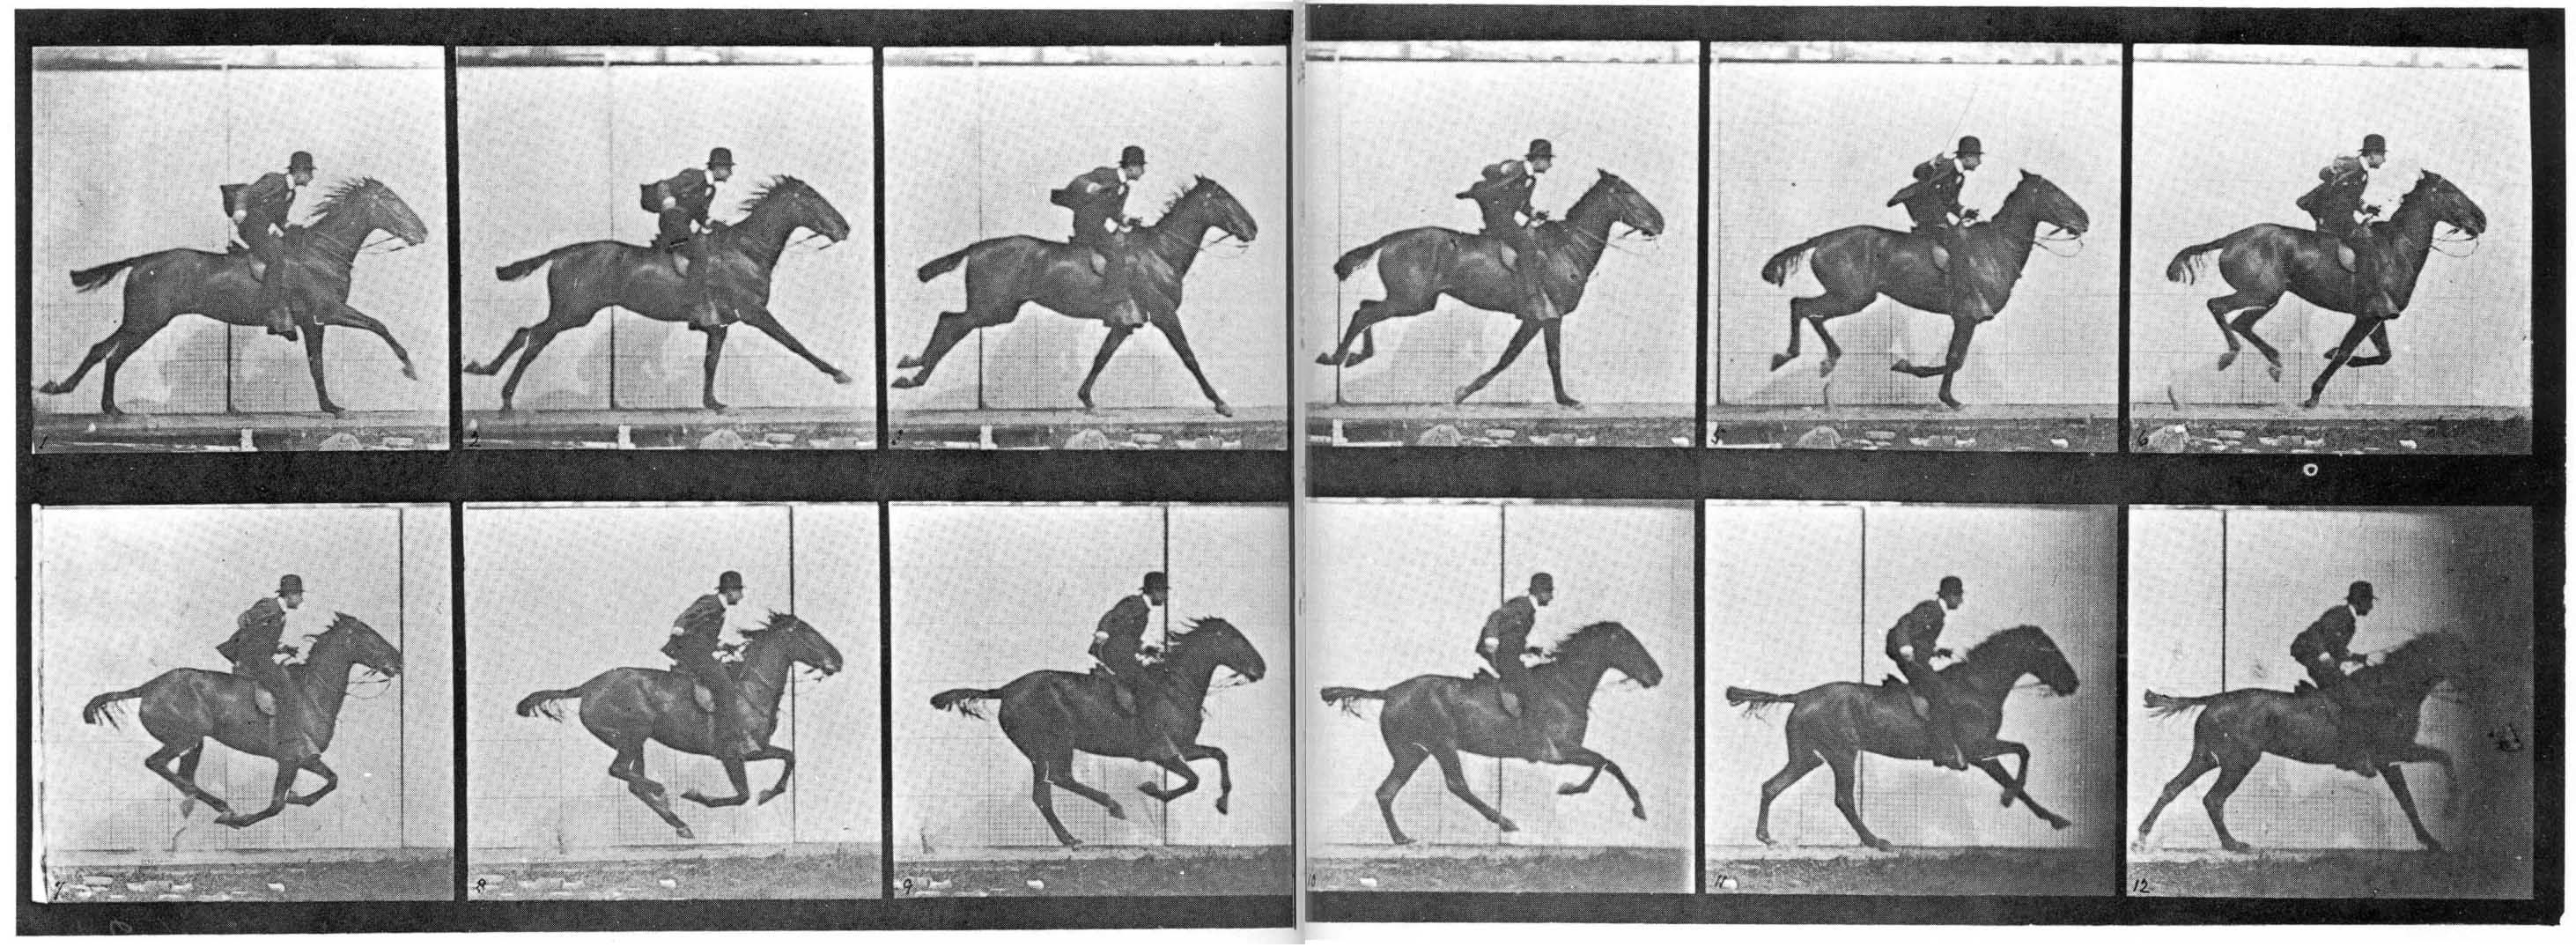 muybridge-horse2.jpg